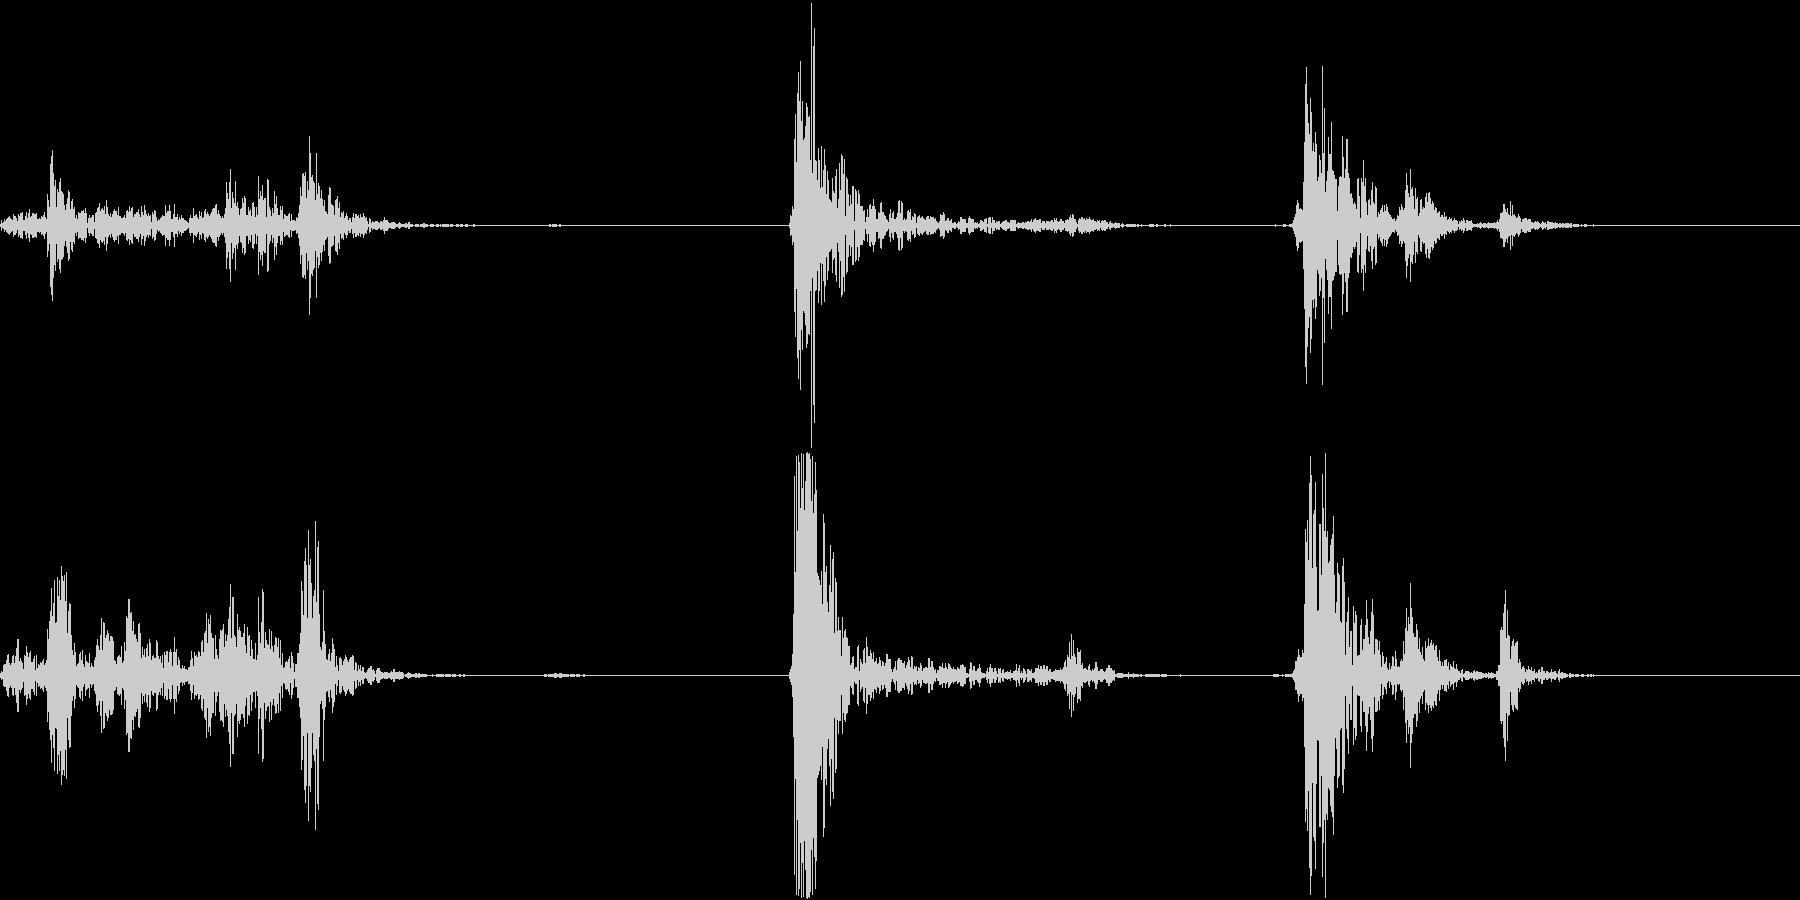 ガチャドア開閉音の未再生の波形